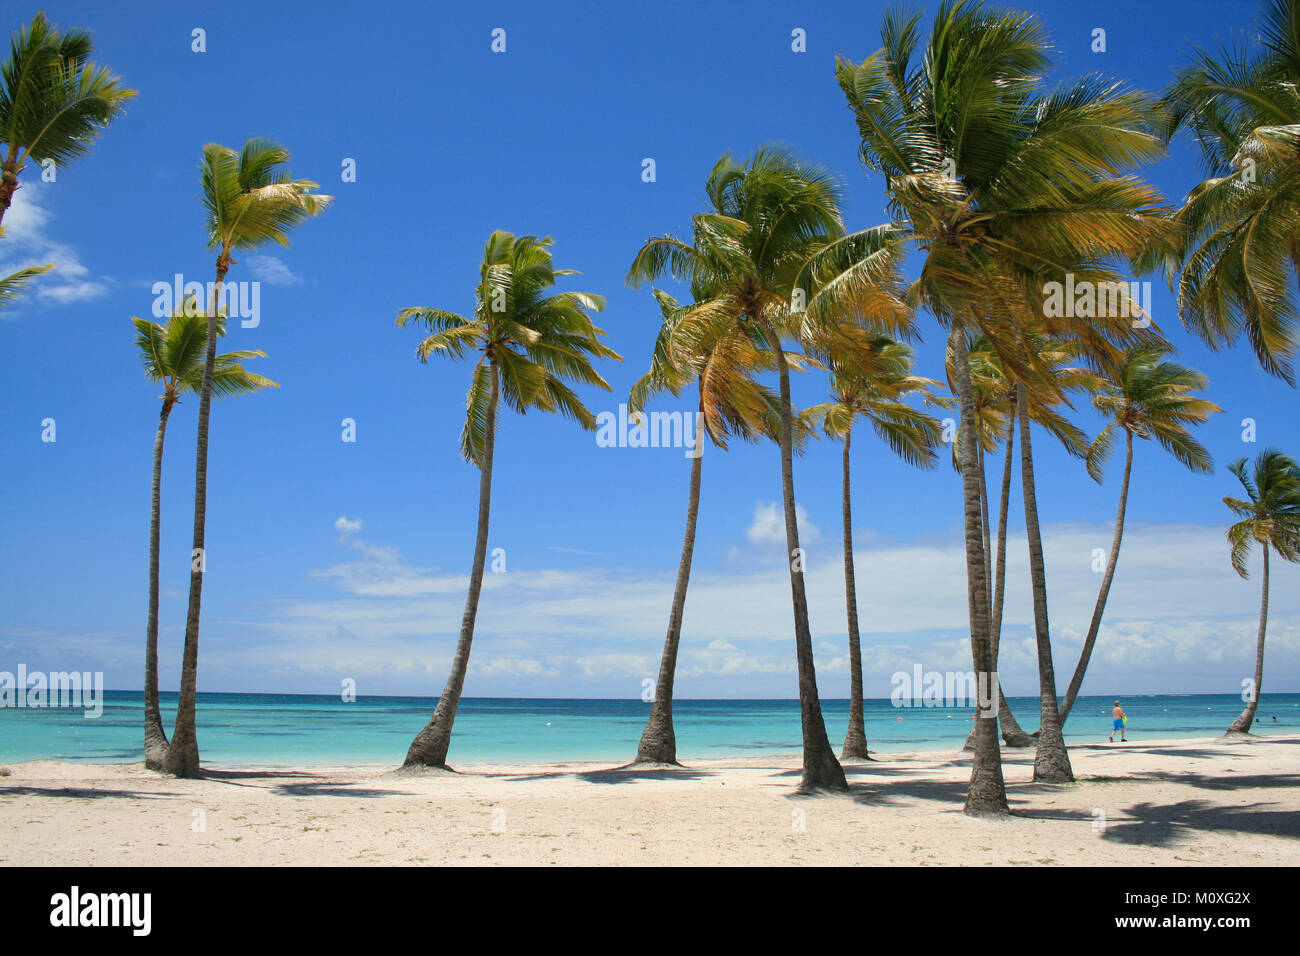 Plage des Caraïbes plein de palmiers à Cap Cana, République Dominicaine Photo Stock